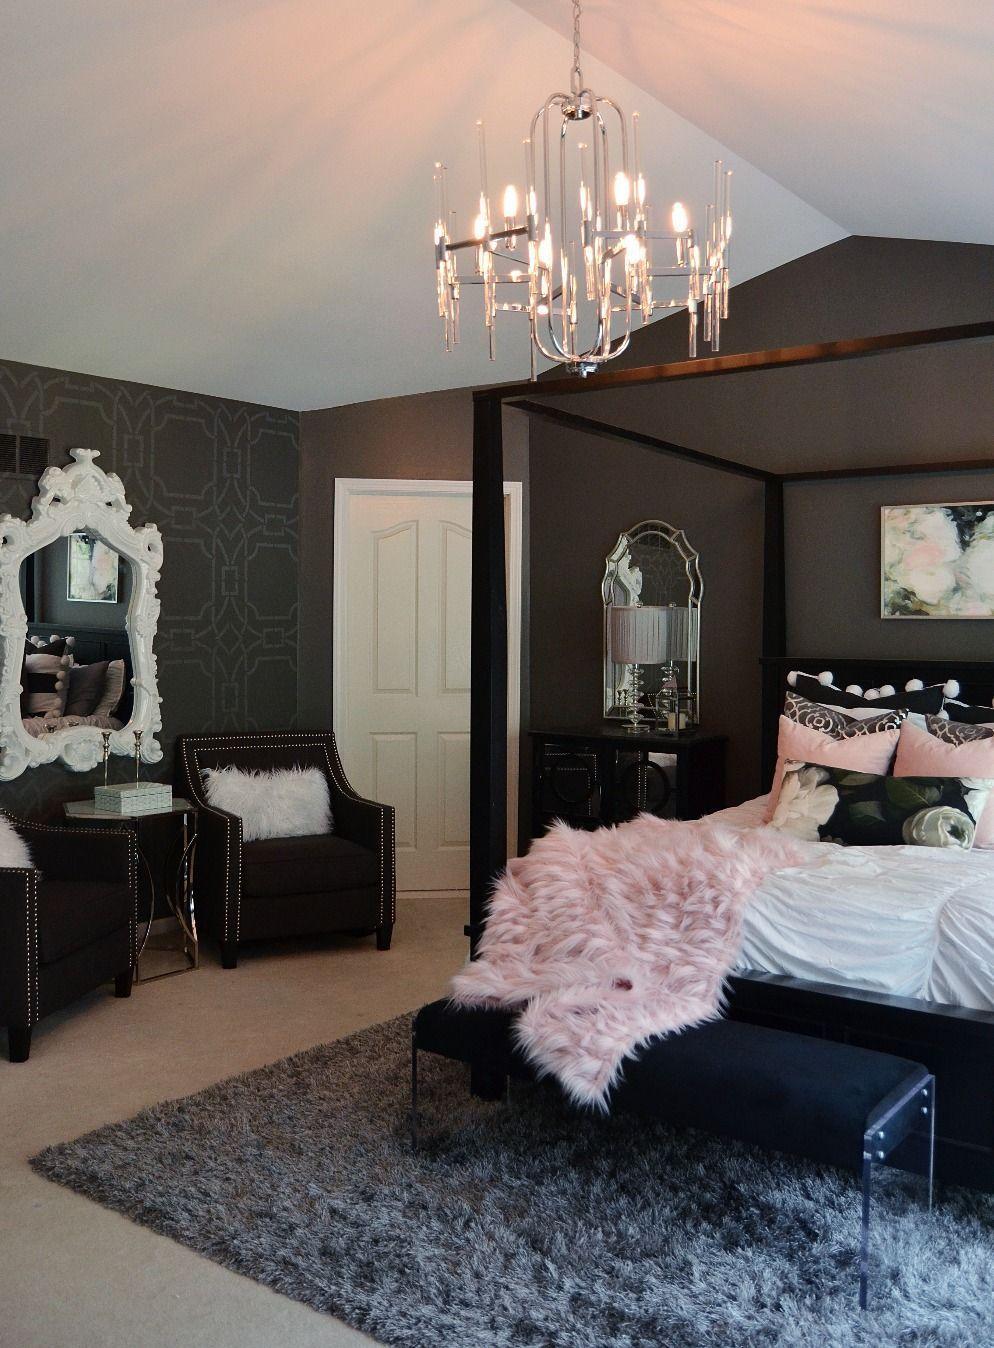 Pin de Alyah en Chambre ❤️❤️  Decoraciones de dormitorio